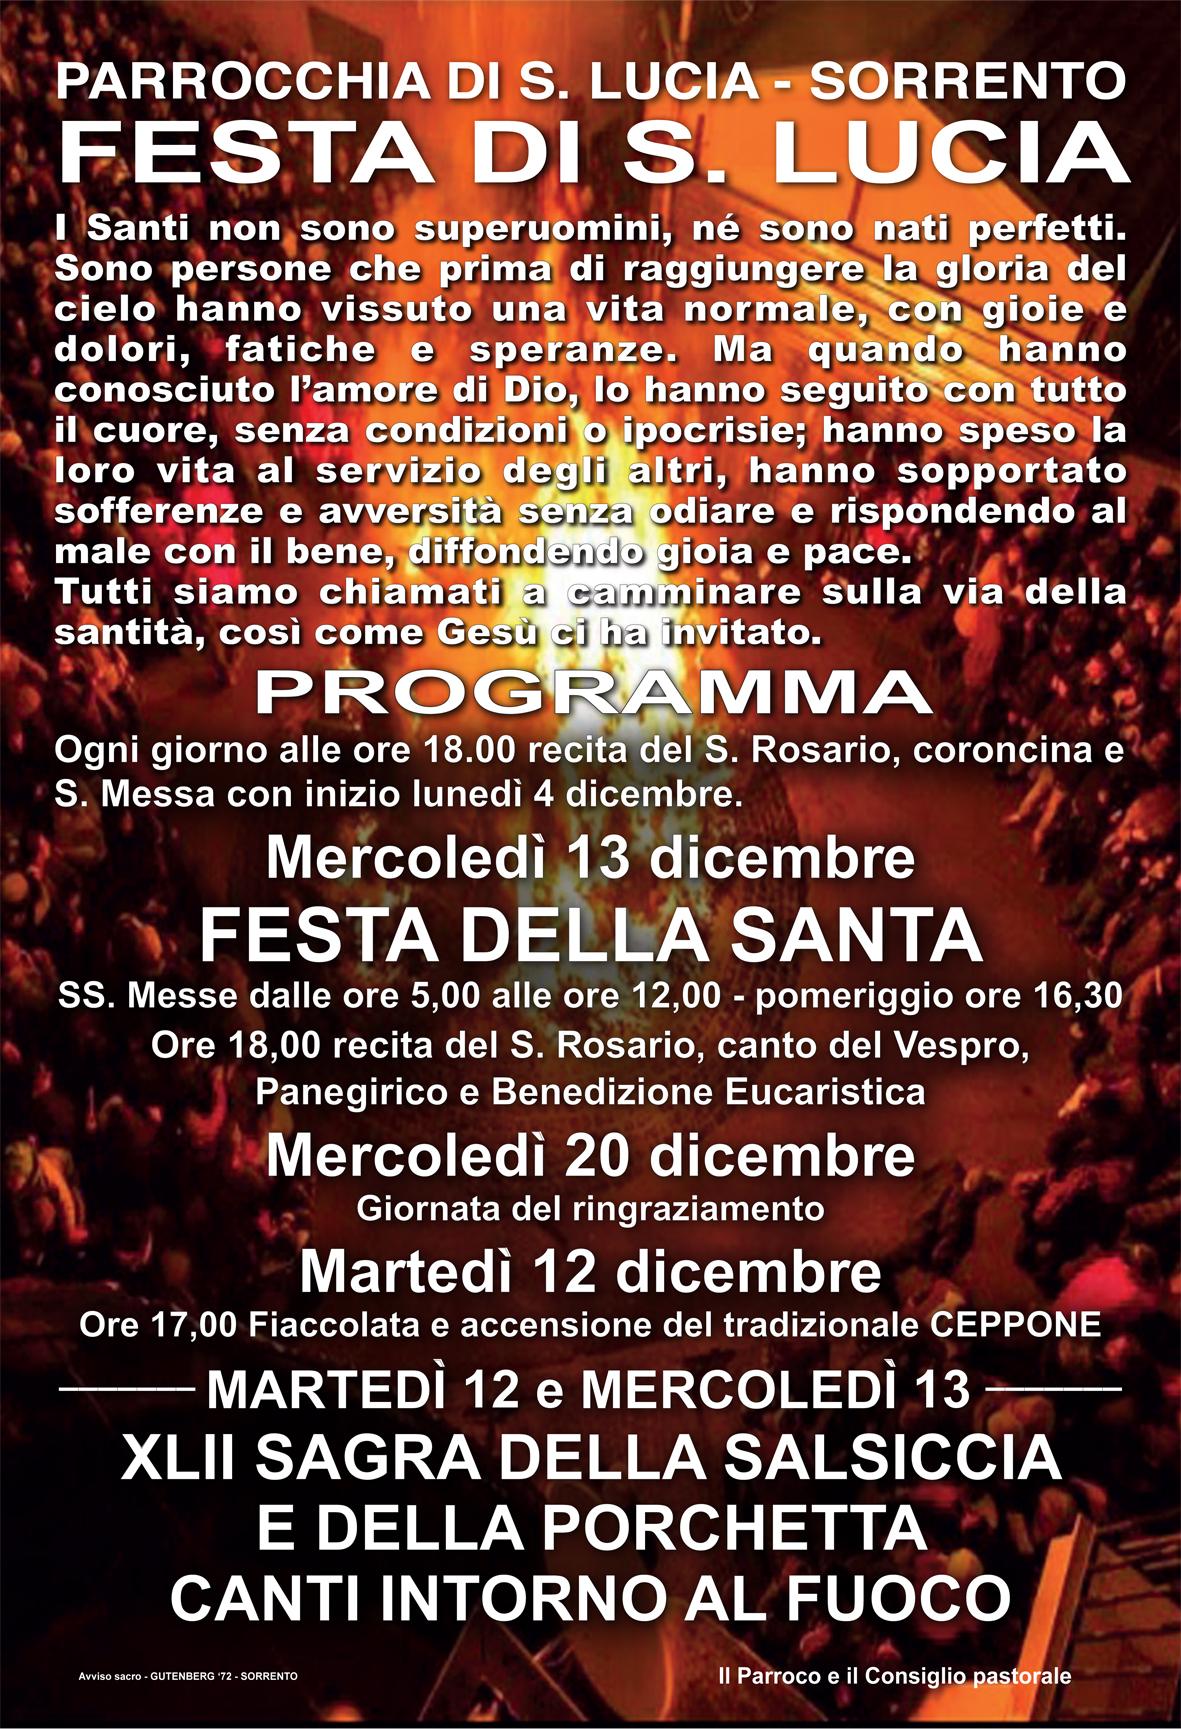 SORRENTO 13 DICEMBRE, TRADIZIONALE FESTA DI SANTA LUCIA